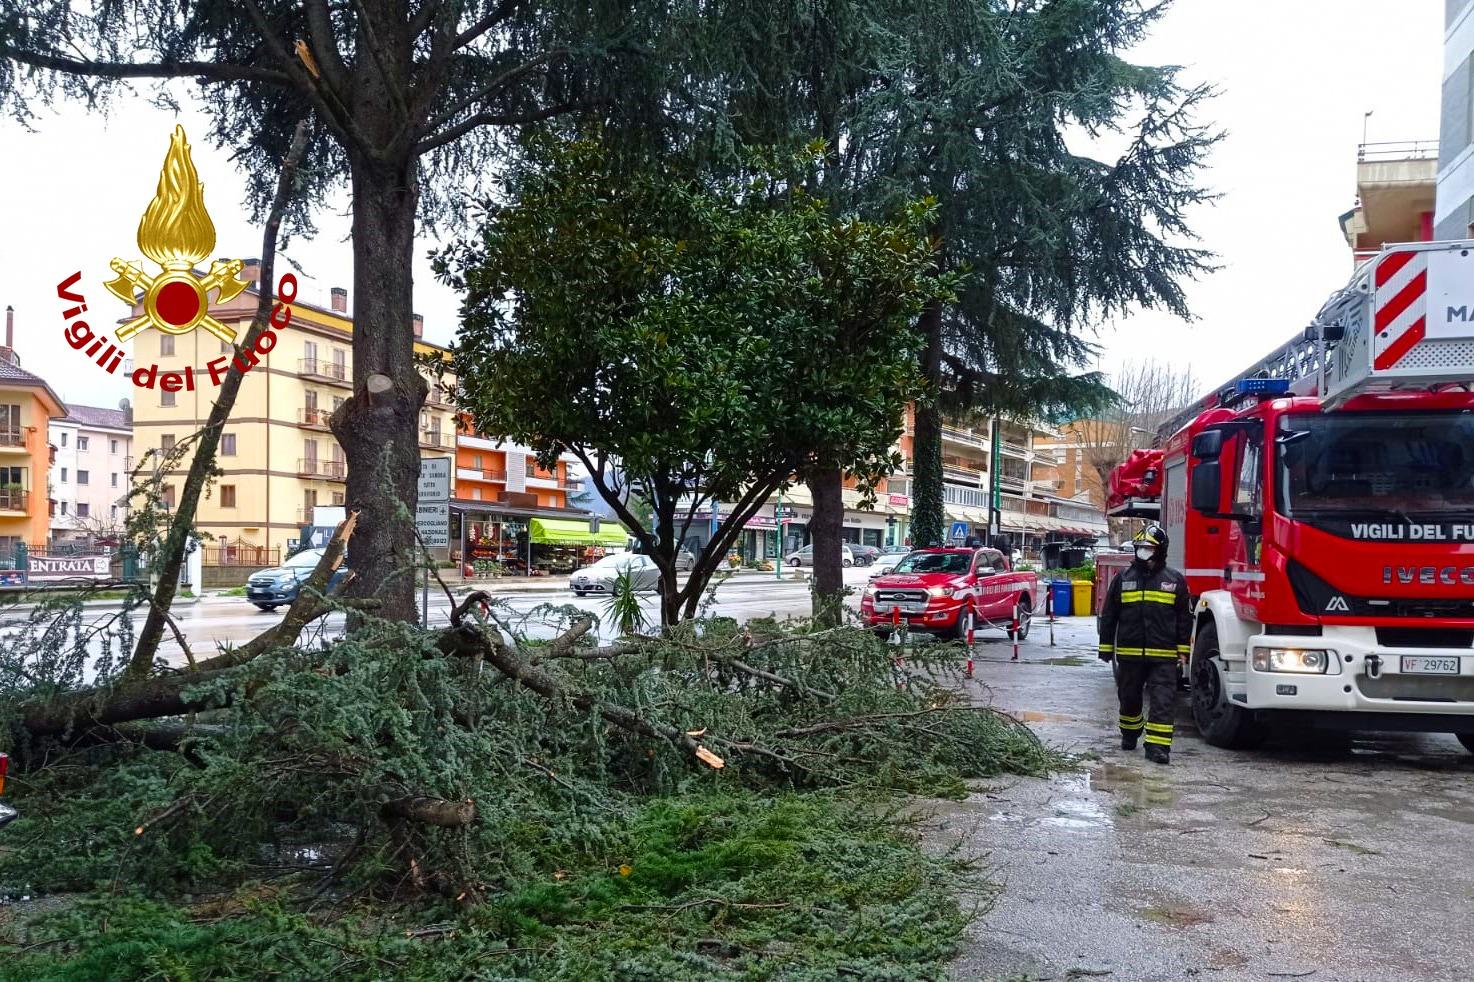 Maltempo sull'Irpinia, situazioni critiche tra Partenio e Valle Caudina. Super lavoro per i vigili del fuoco